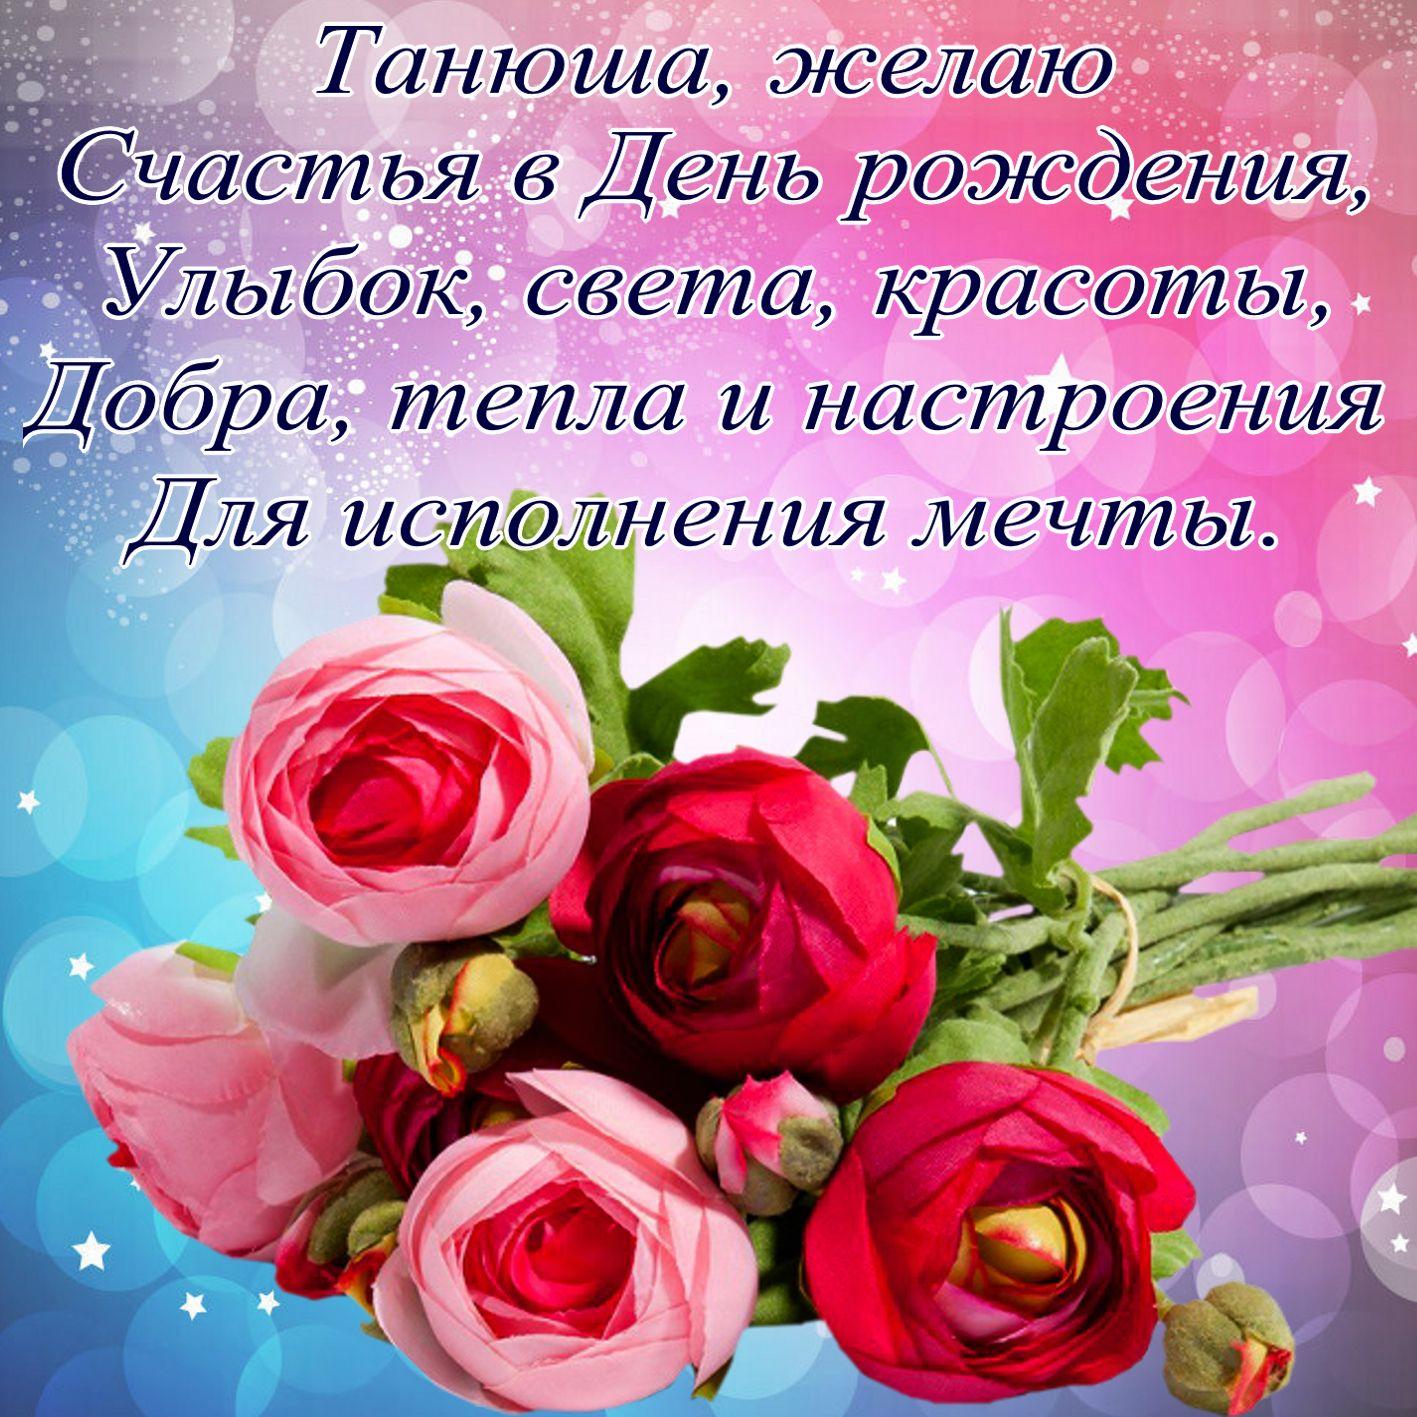 Поздравления с днем рождения Татьяне в стихах